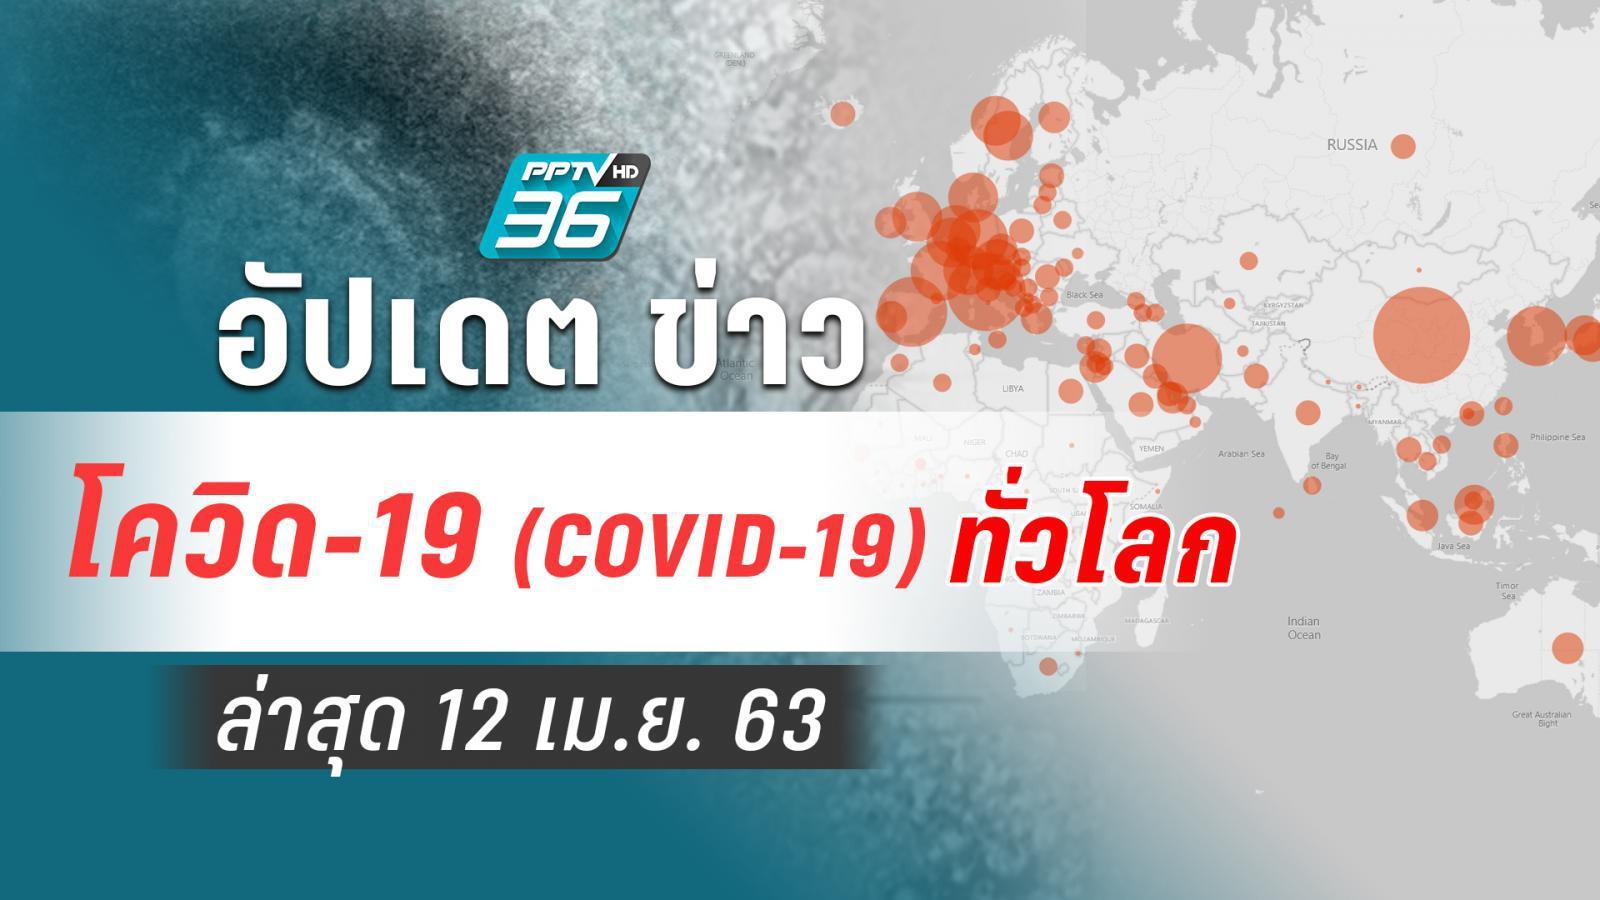 อัปเดตข่าว สถานการณ์ โควิด-19 ทั่วโลก ล่าสุด 12 เม.ย. 63